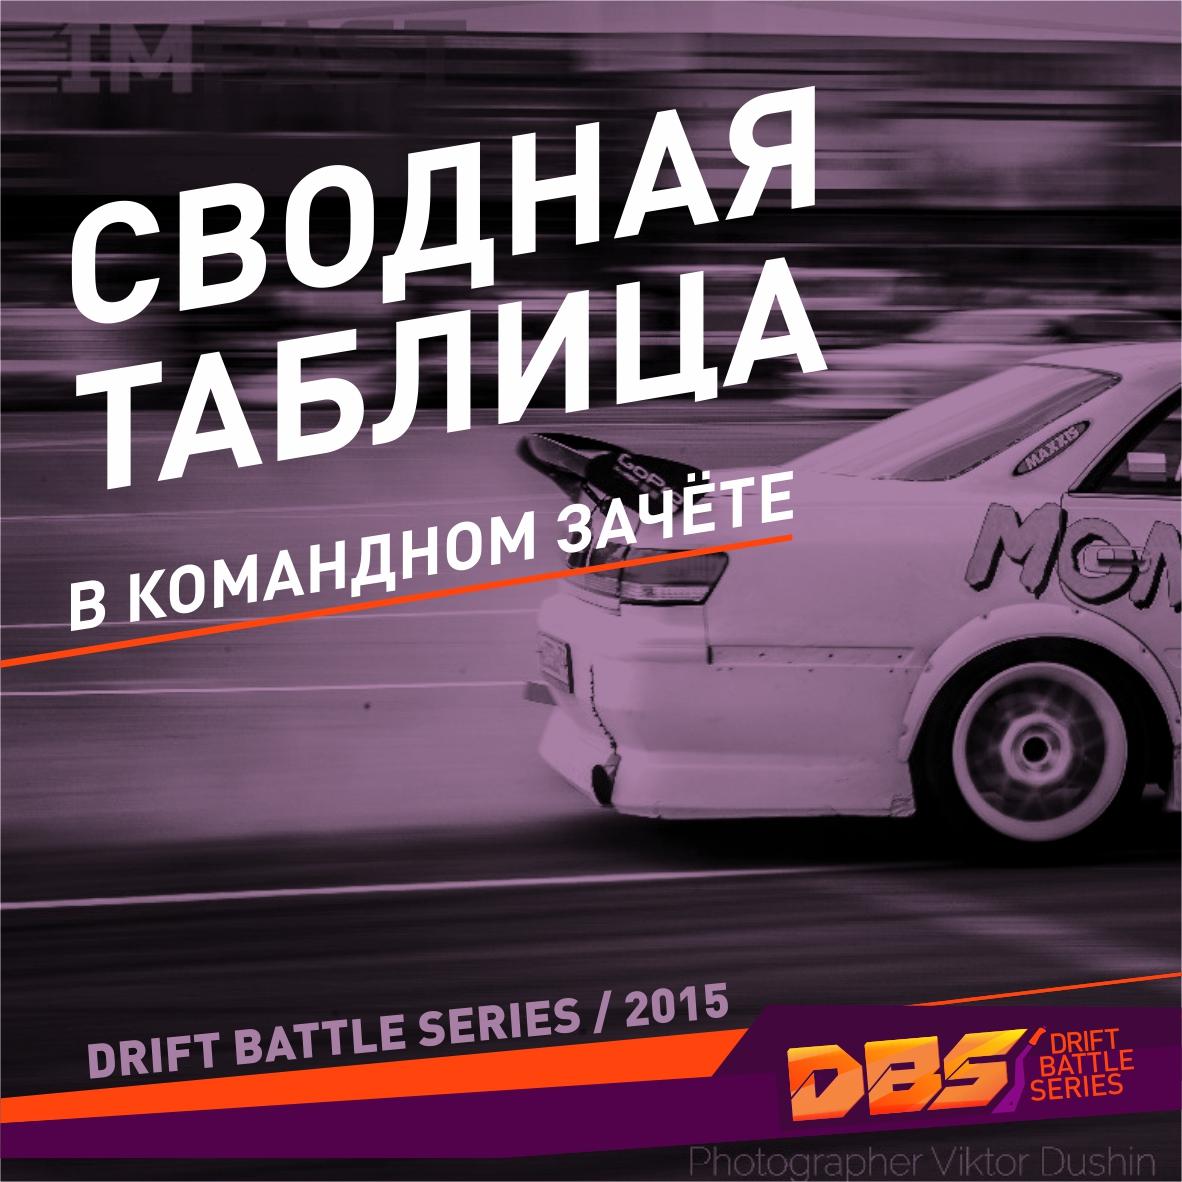 Сводная таблица в командном зачете чемпионата Drift Battle Series сезон 2015